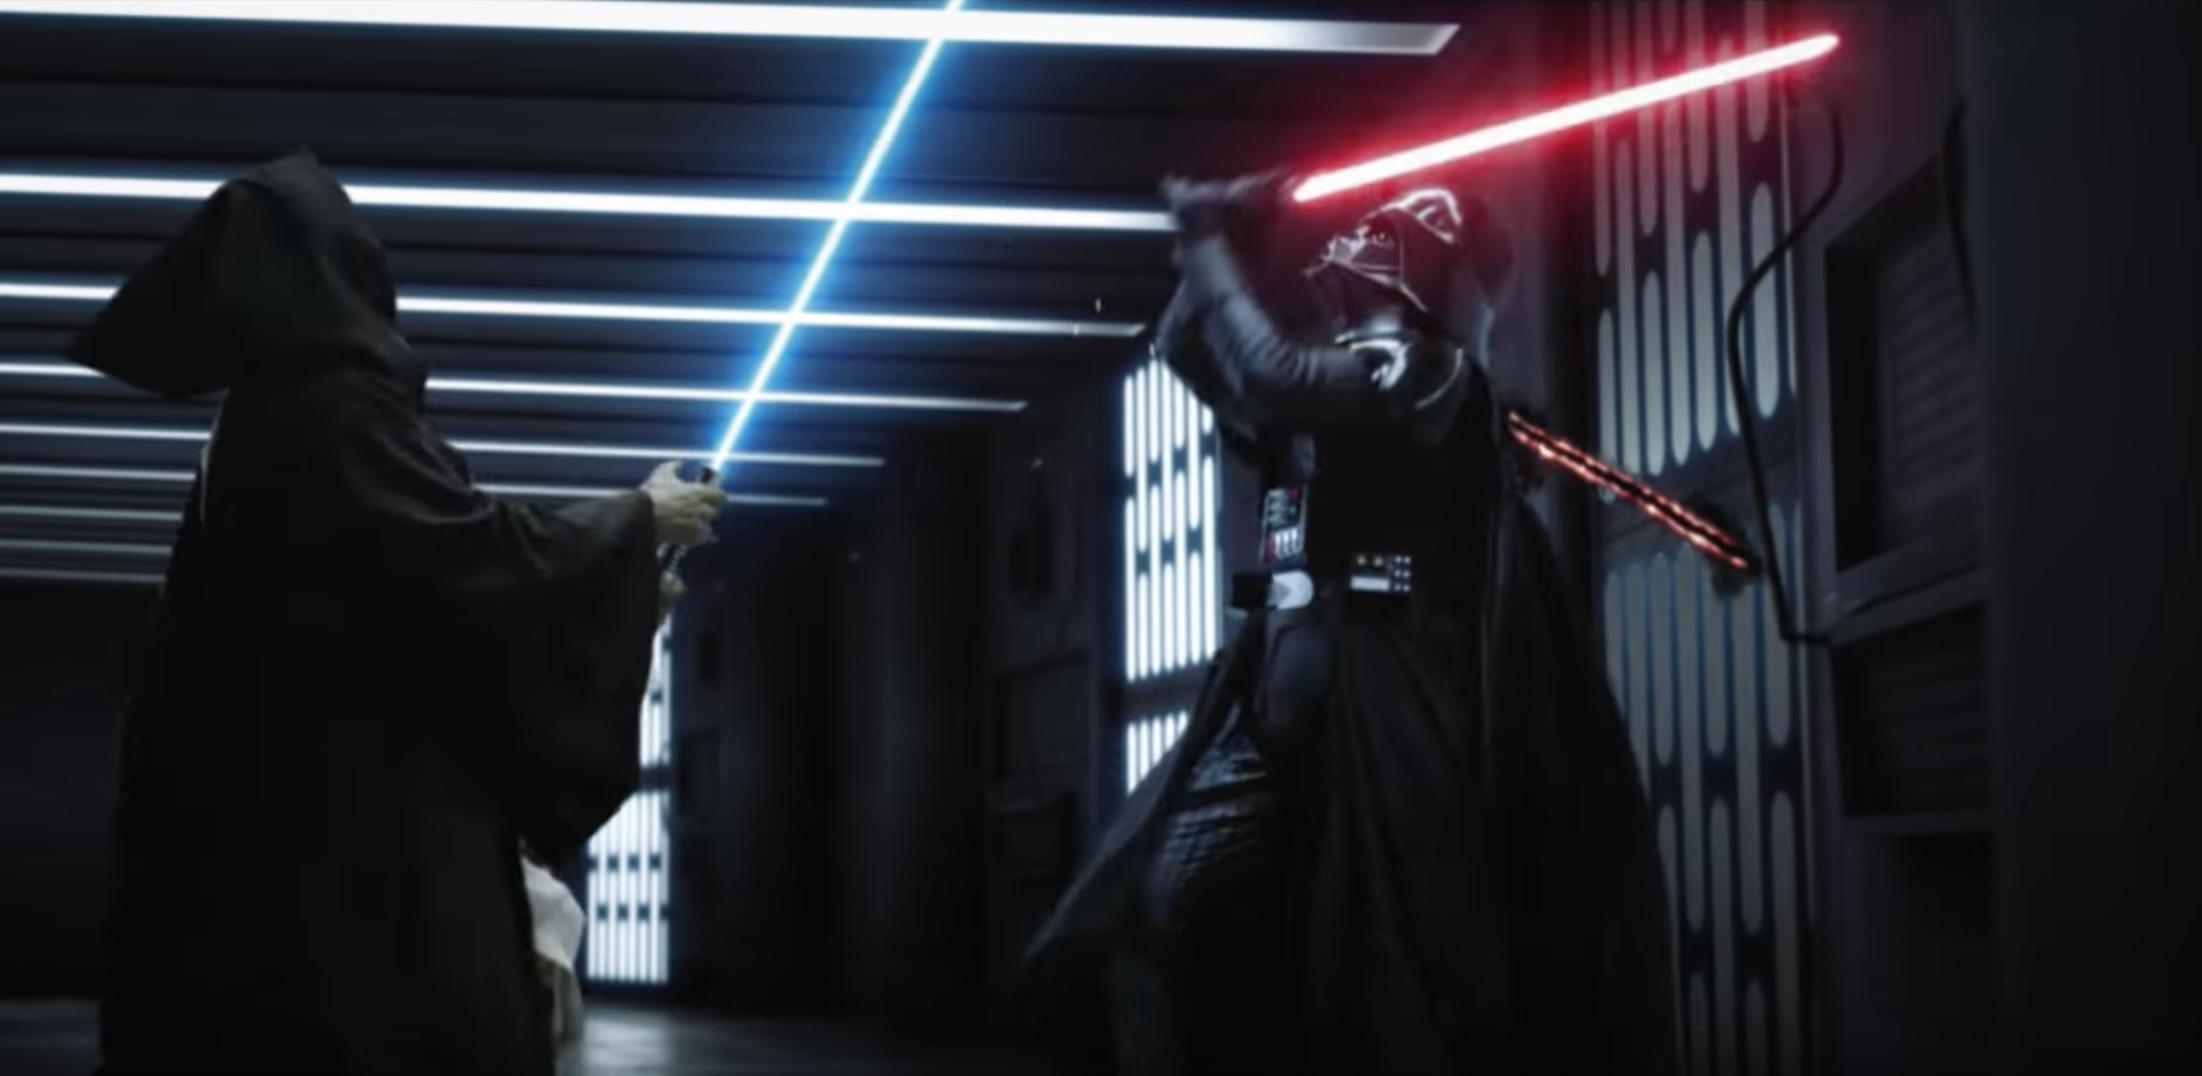 Kenobi Vs Vader Epic Lightsaber Duel Remake Is Amazing